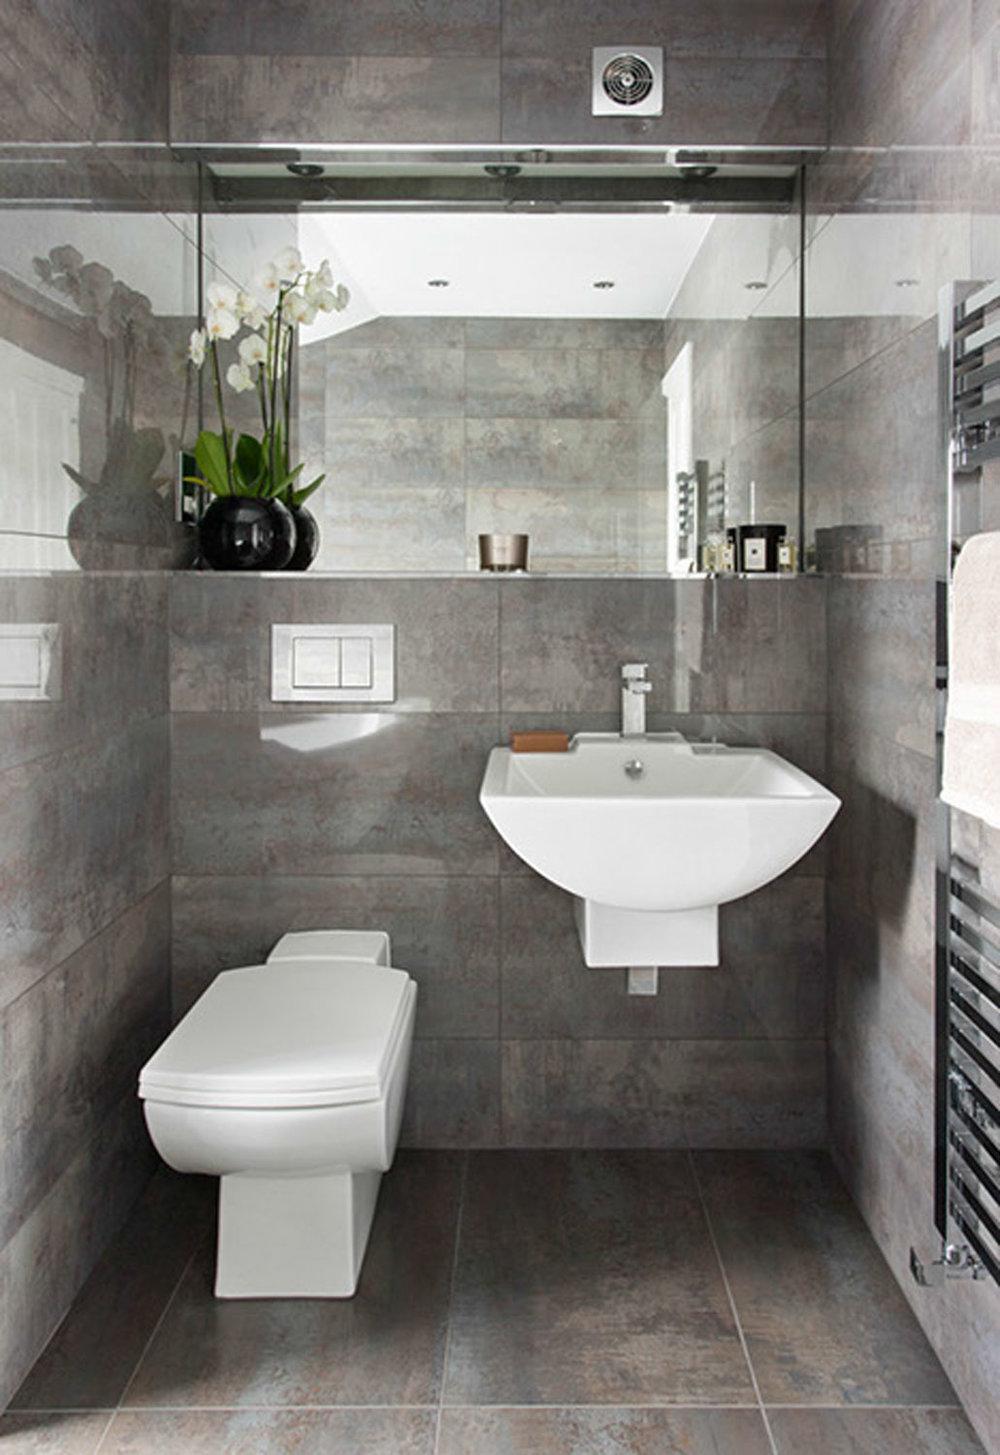 Olivias-Bathroom-Photos-10.jpg